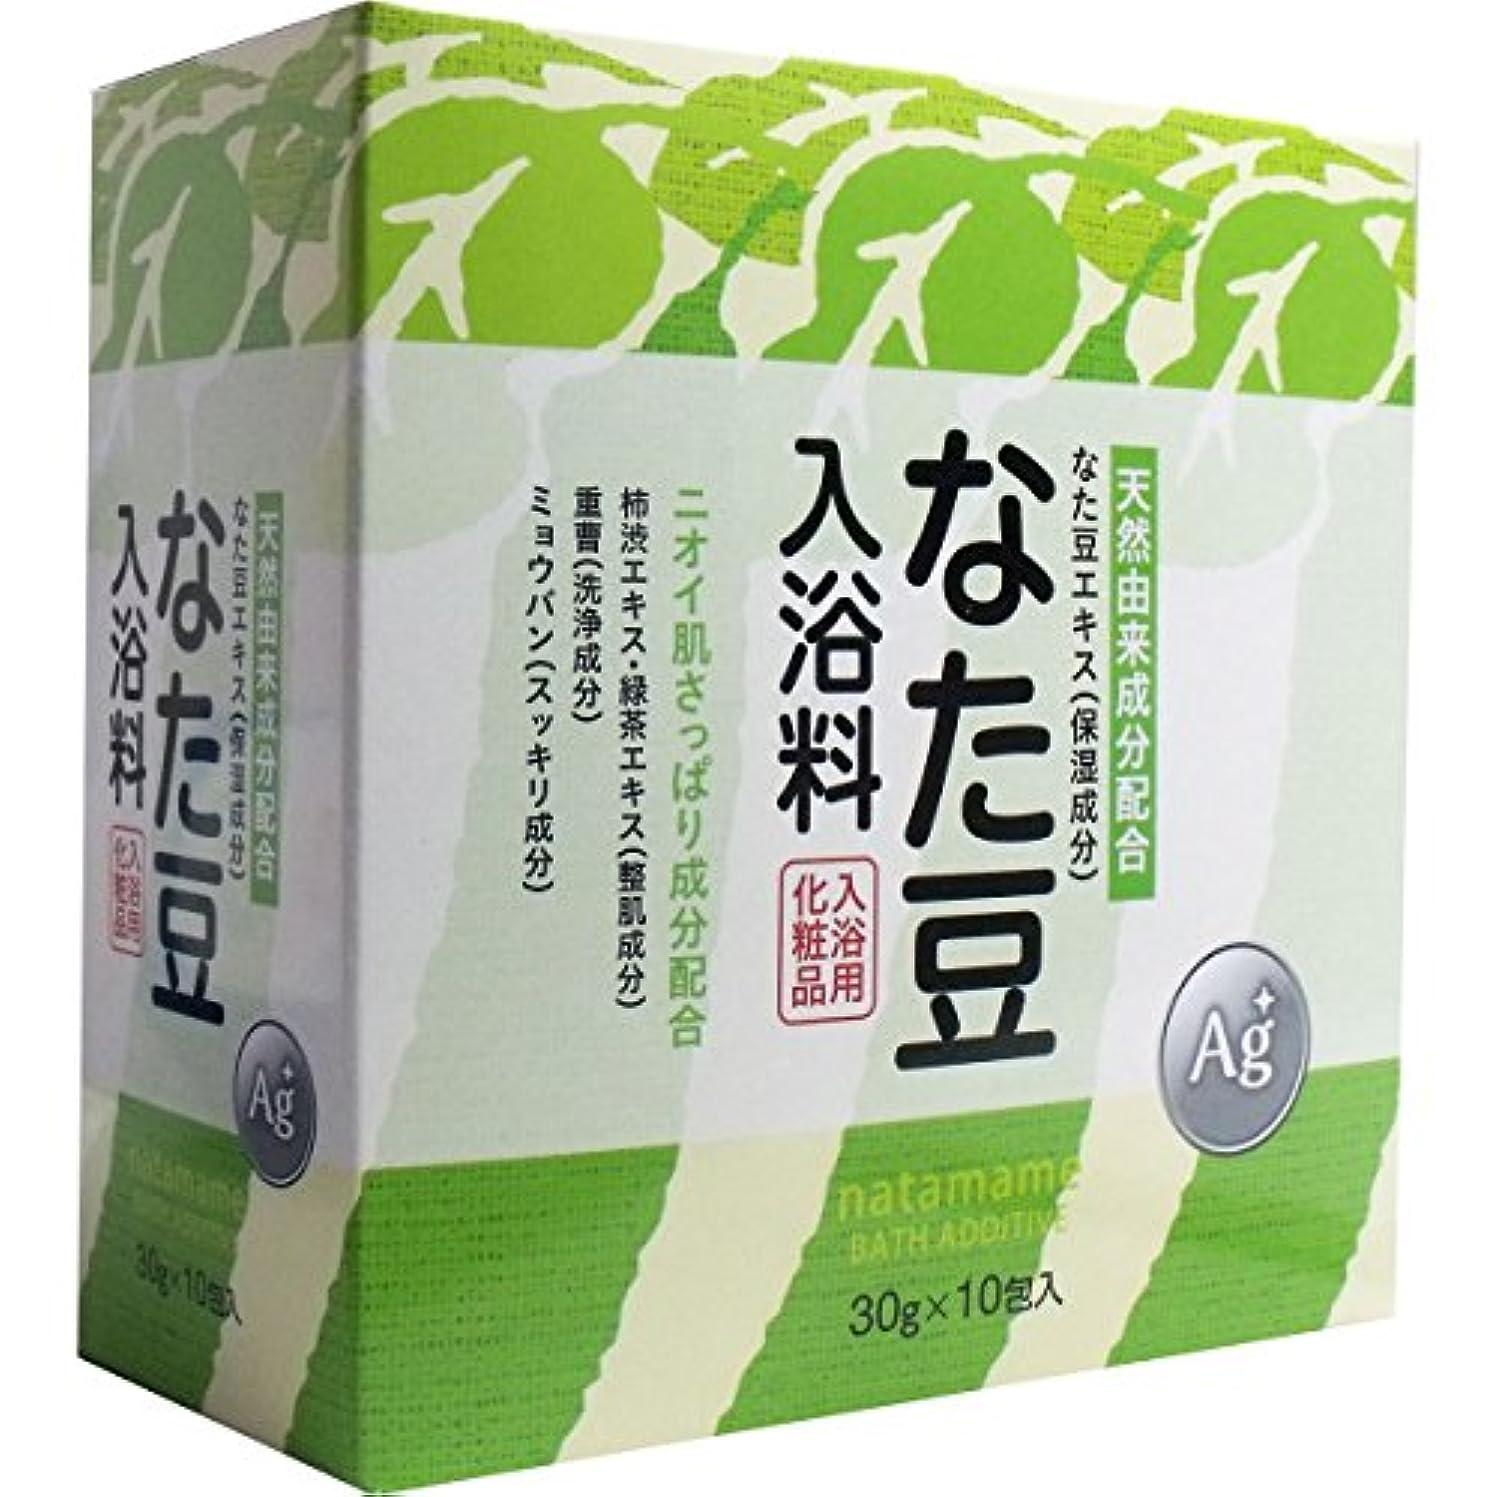 安心パパホーム天然由来成分配合 なた豆入浴料 入浴用化粧品 30g×10包入